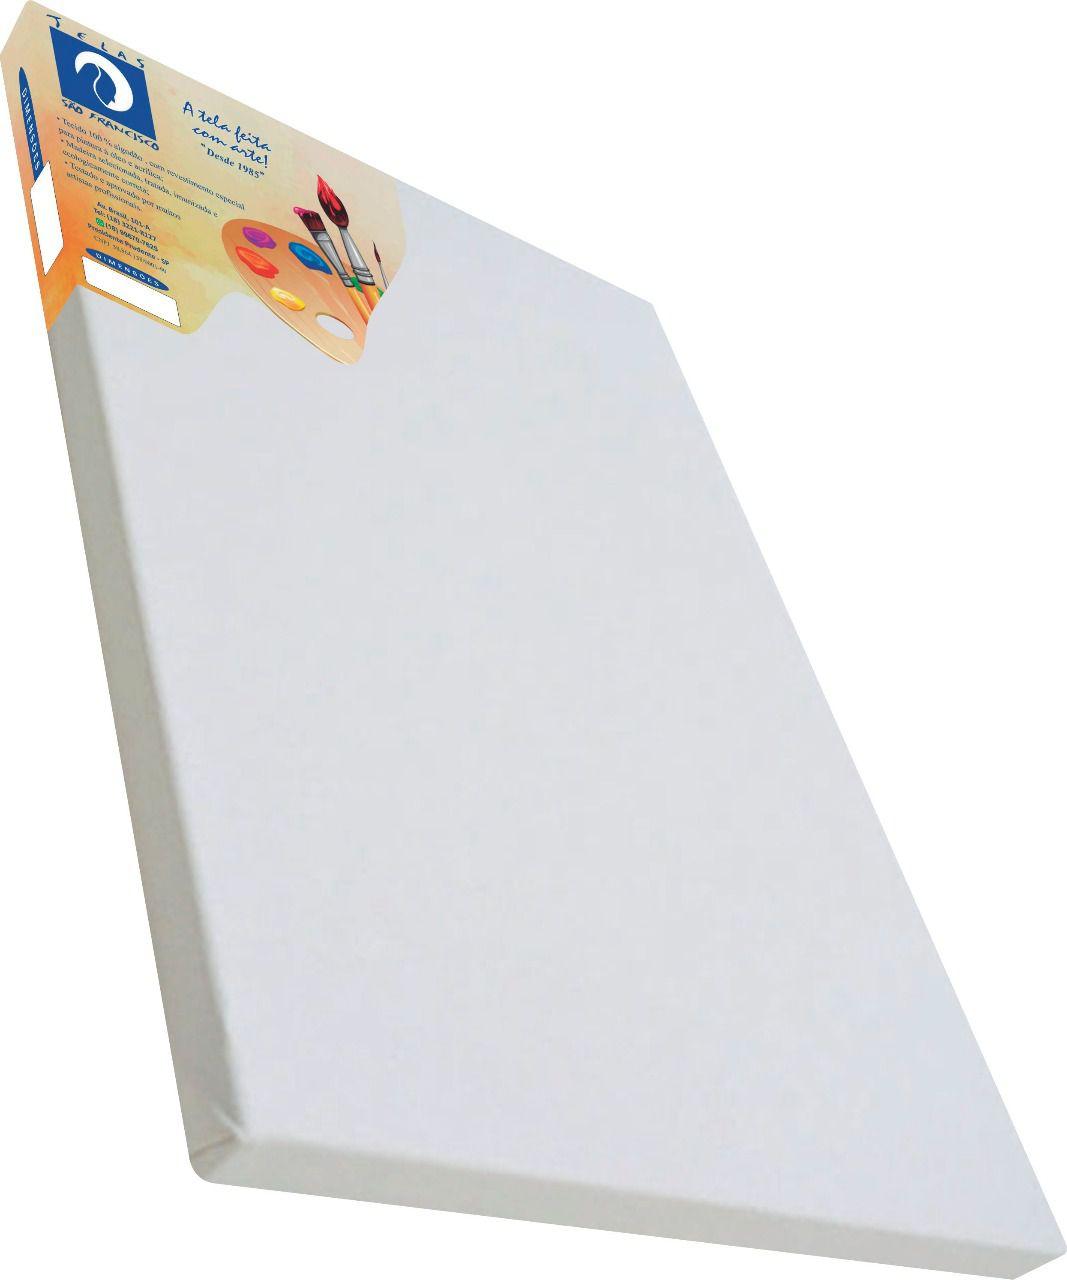 Tela comum para pintura 15x30cm - São Francisco